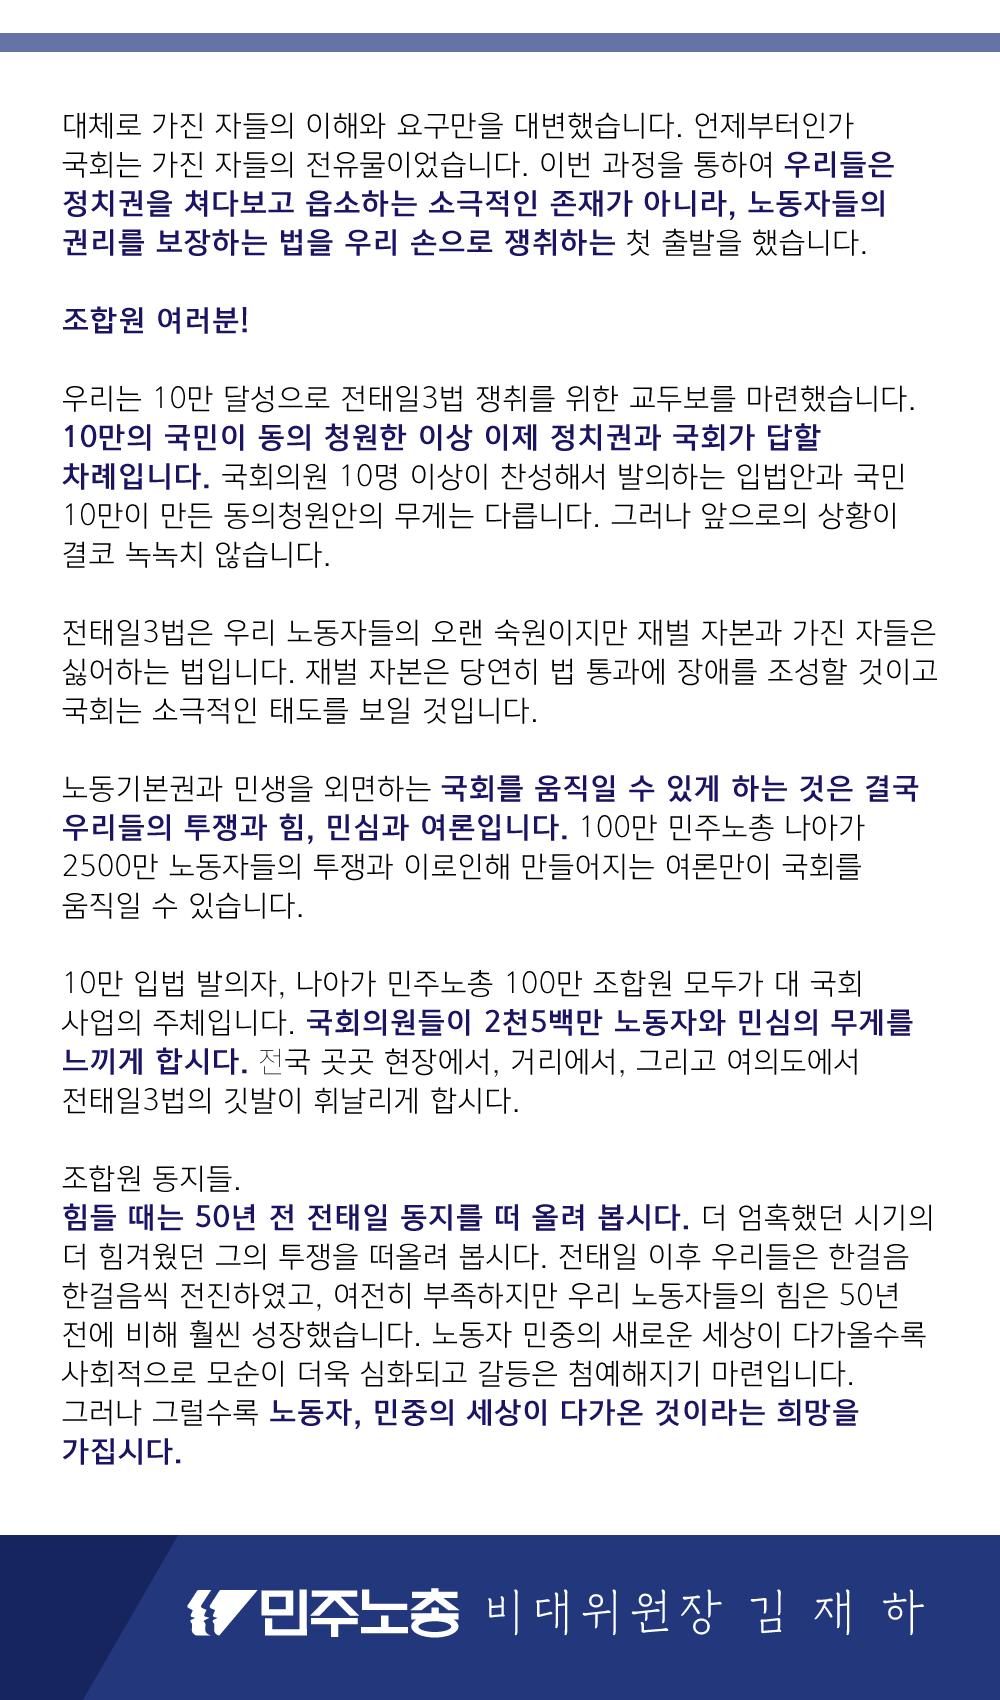 입법발의-완수-담화문_1_2.png